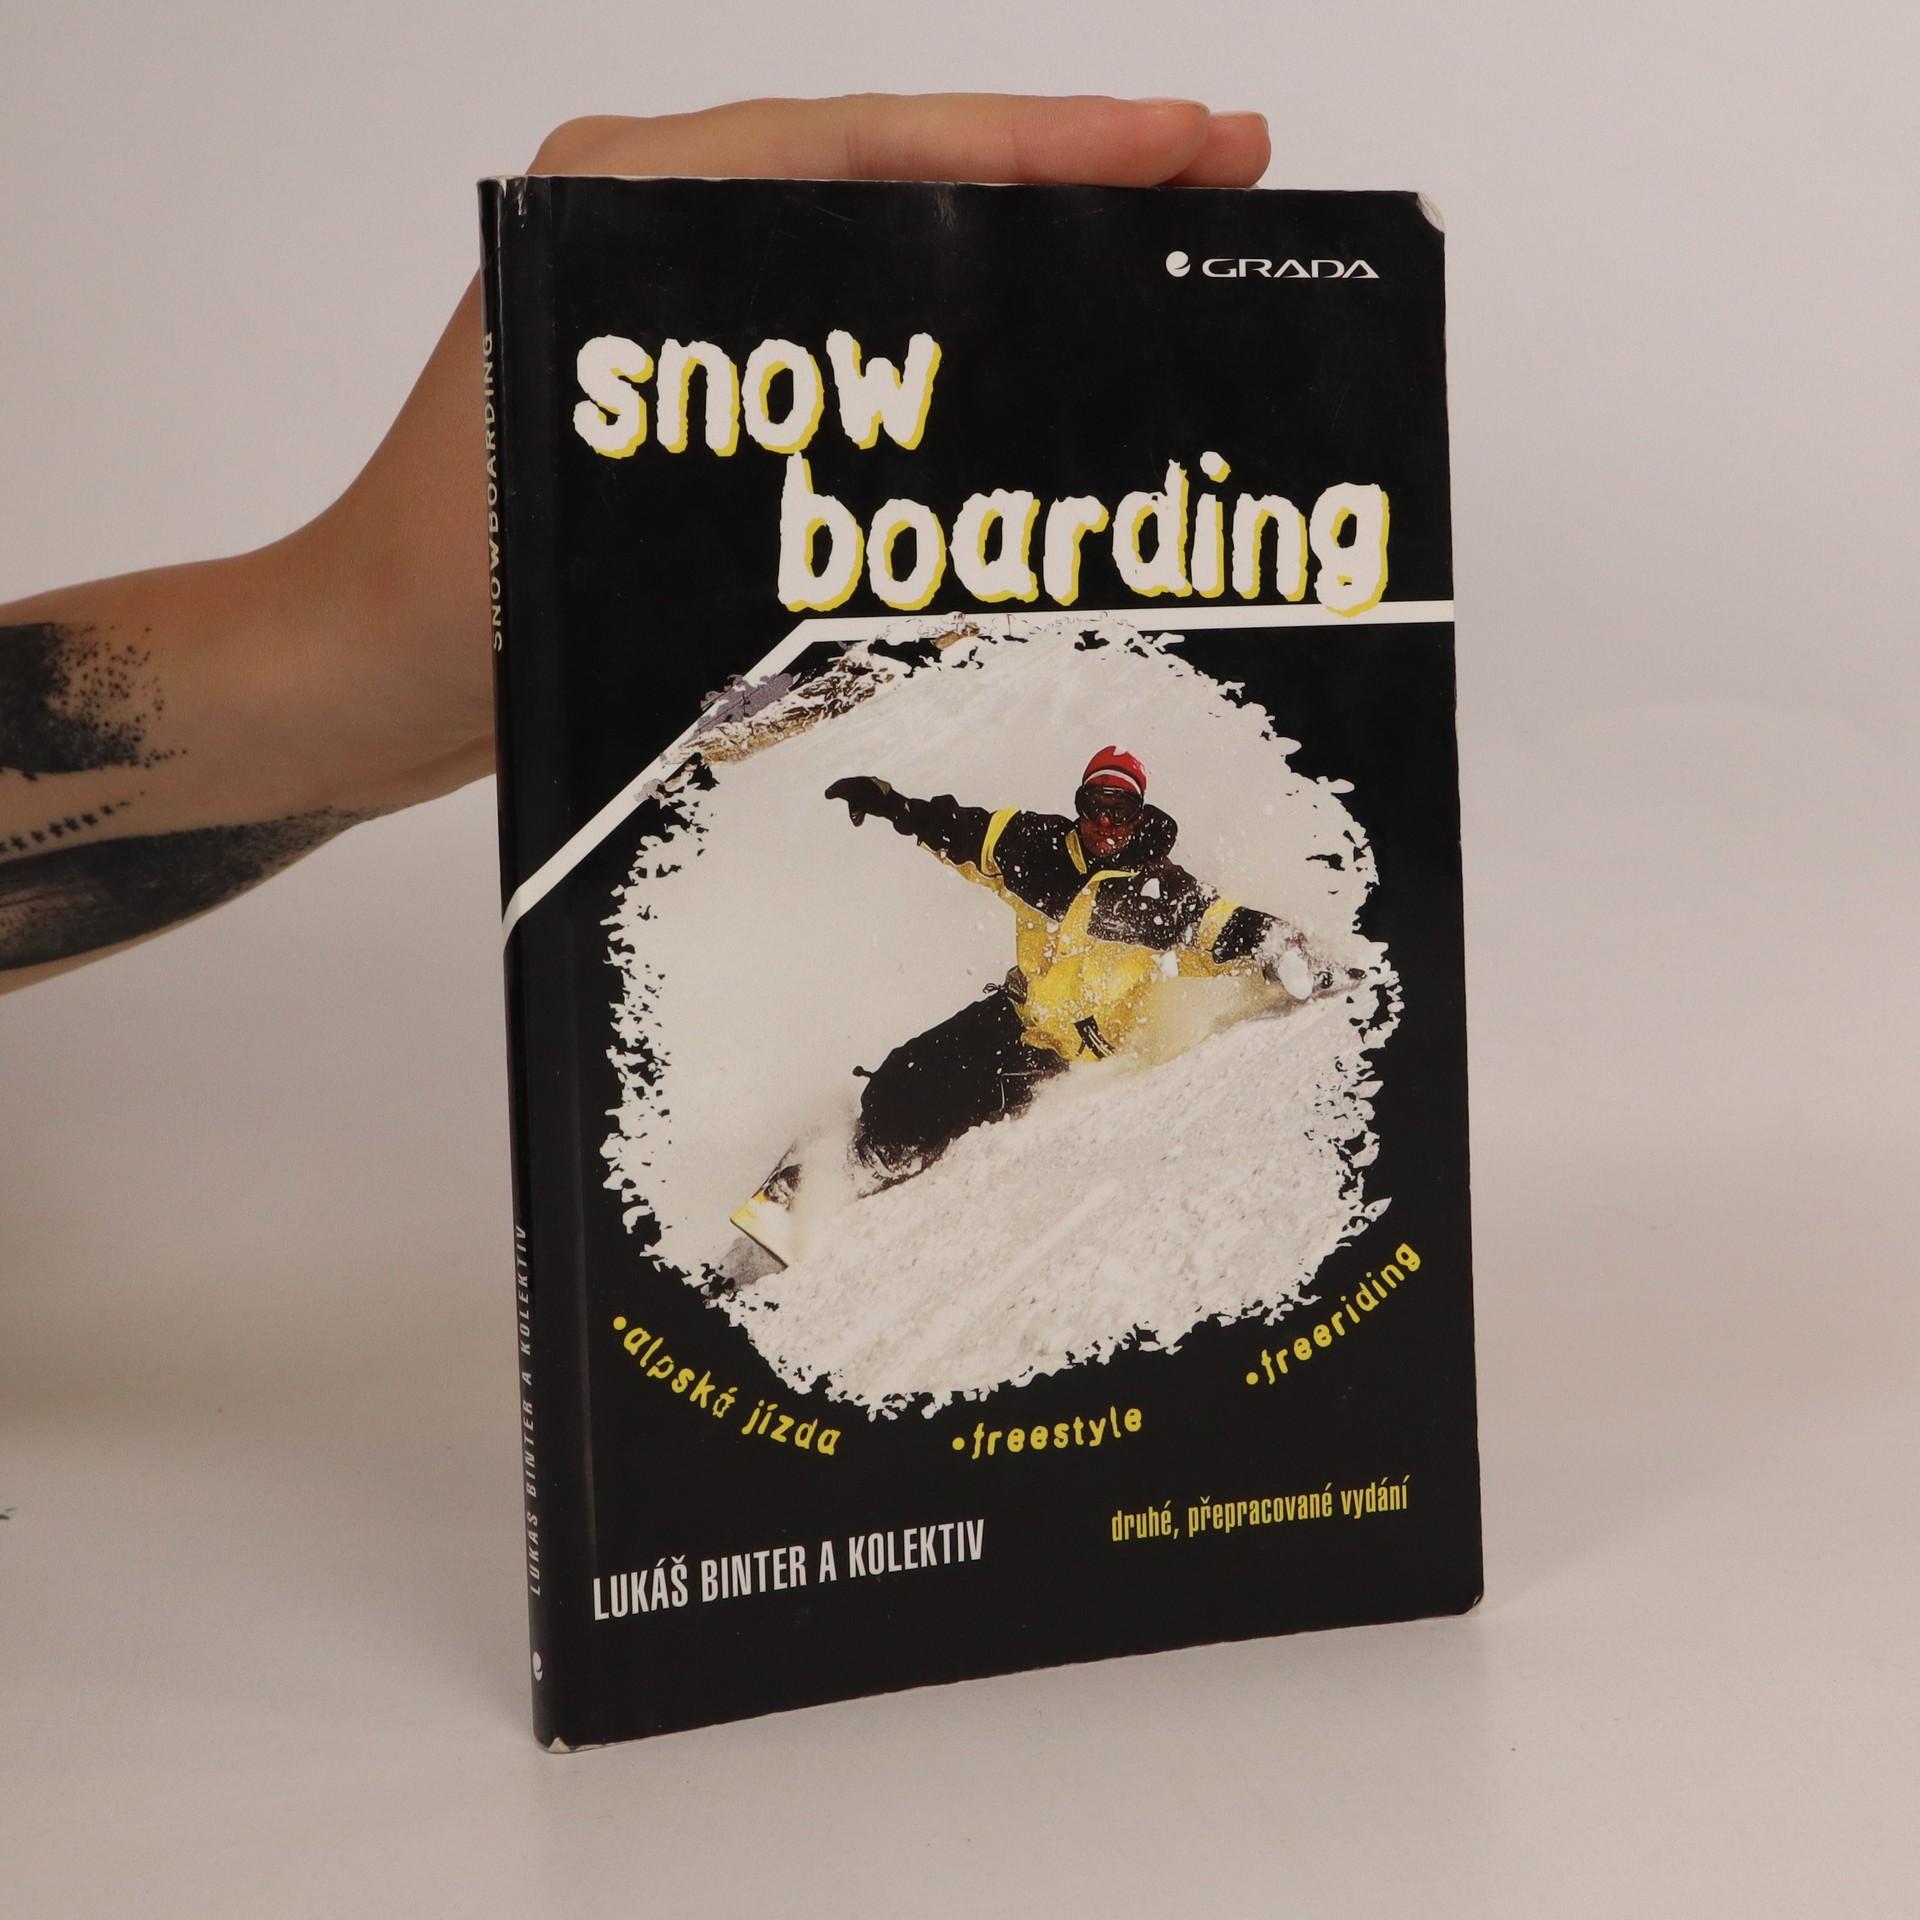 antikvární kniha Snowboarding. Alpská jízda, freestyle, freeriding, 2002